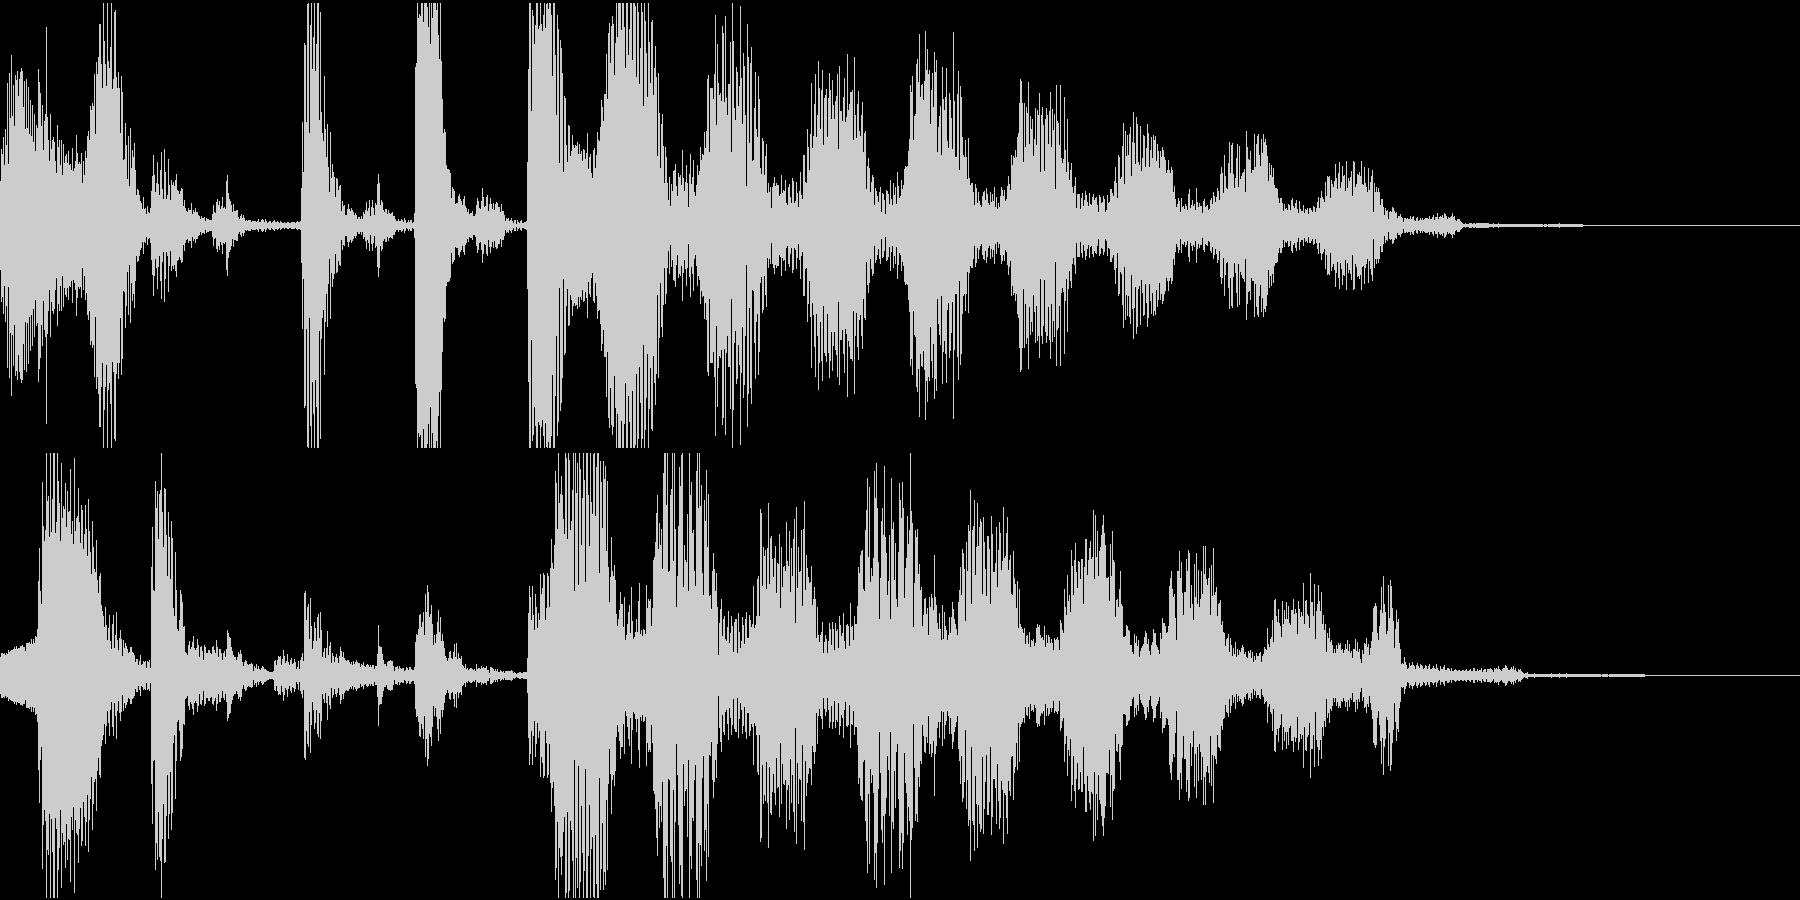 6秒ジングル ジャジーで可愛い感じの未再生の波形